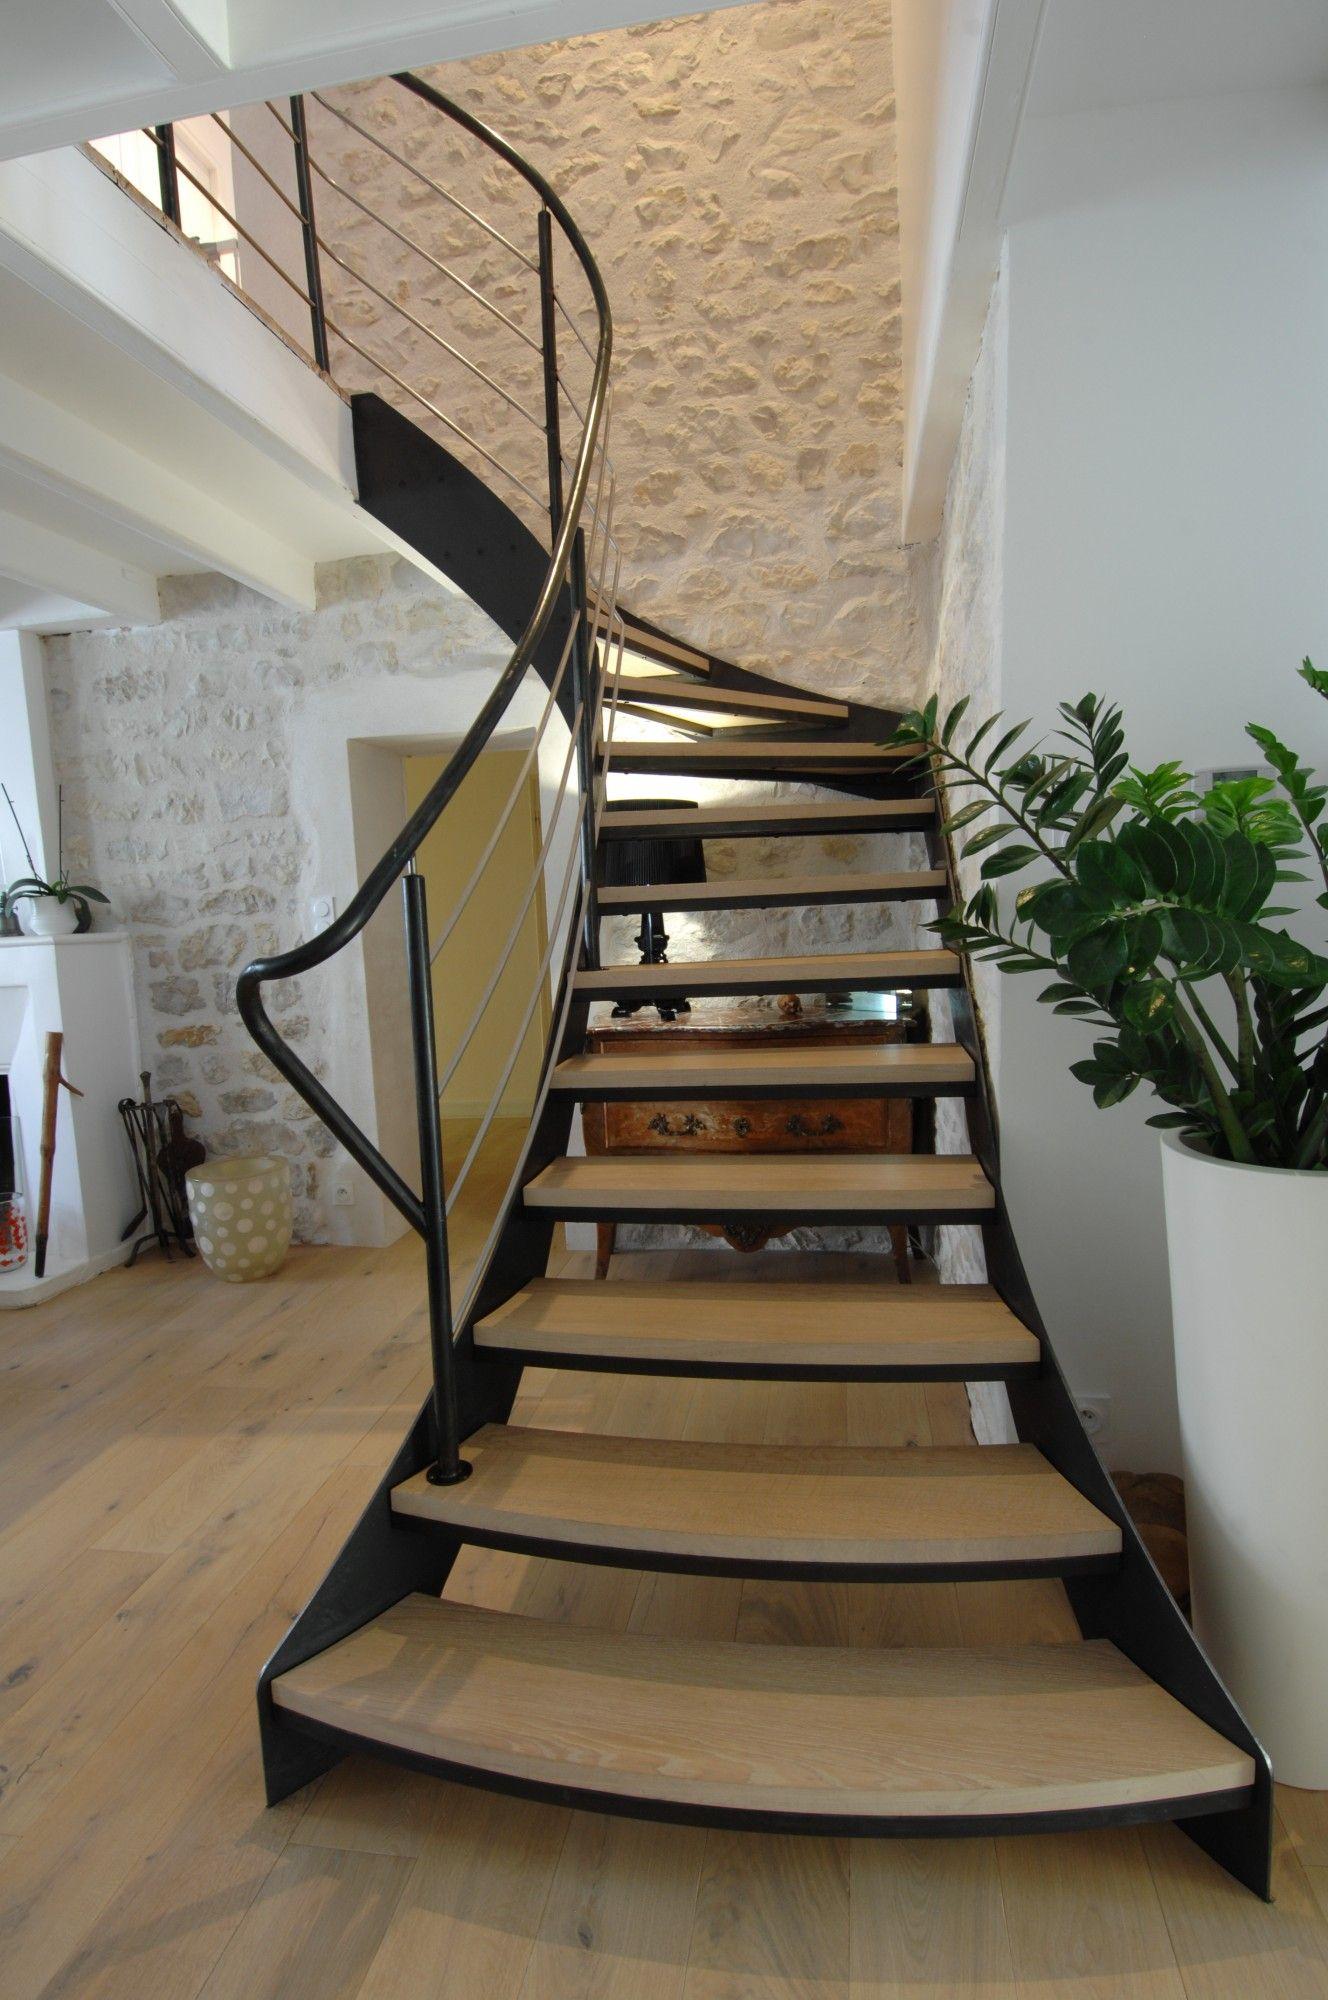 escalier escalier 1 4 tournant limon acier marche ch ne. Black Bedroom Furniture Sets. Home Design Ideas